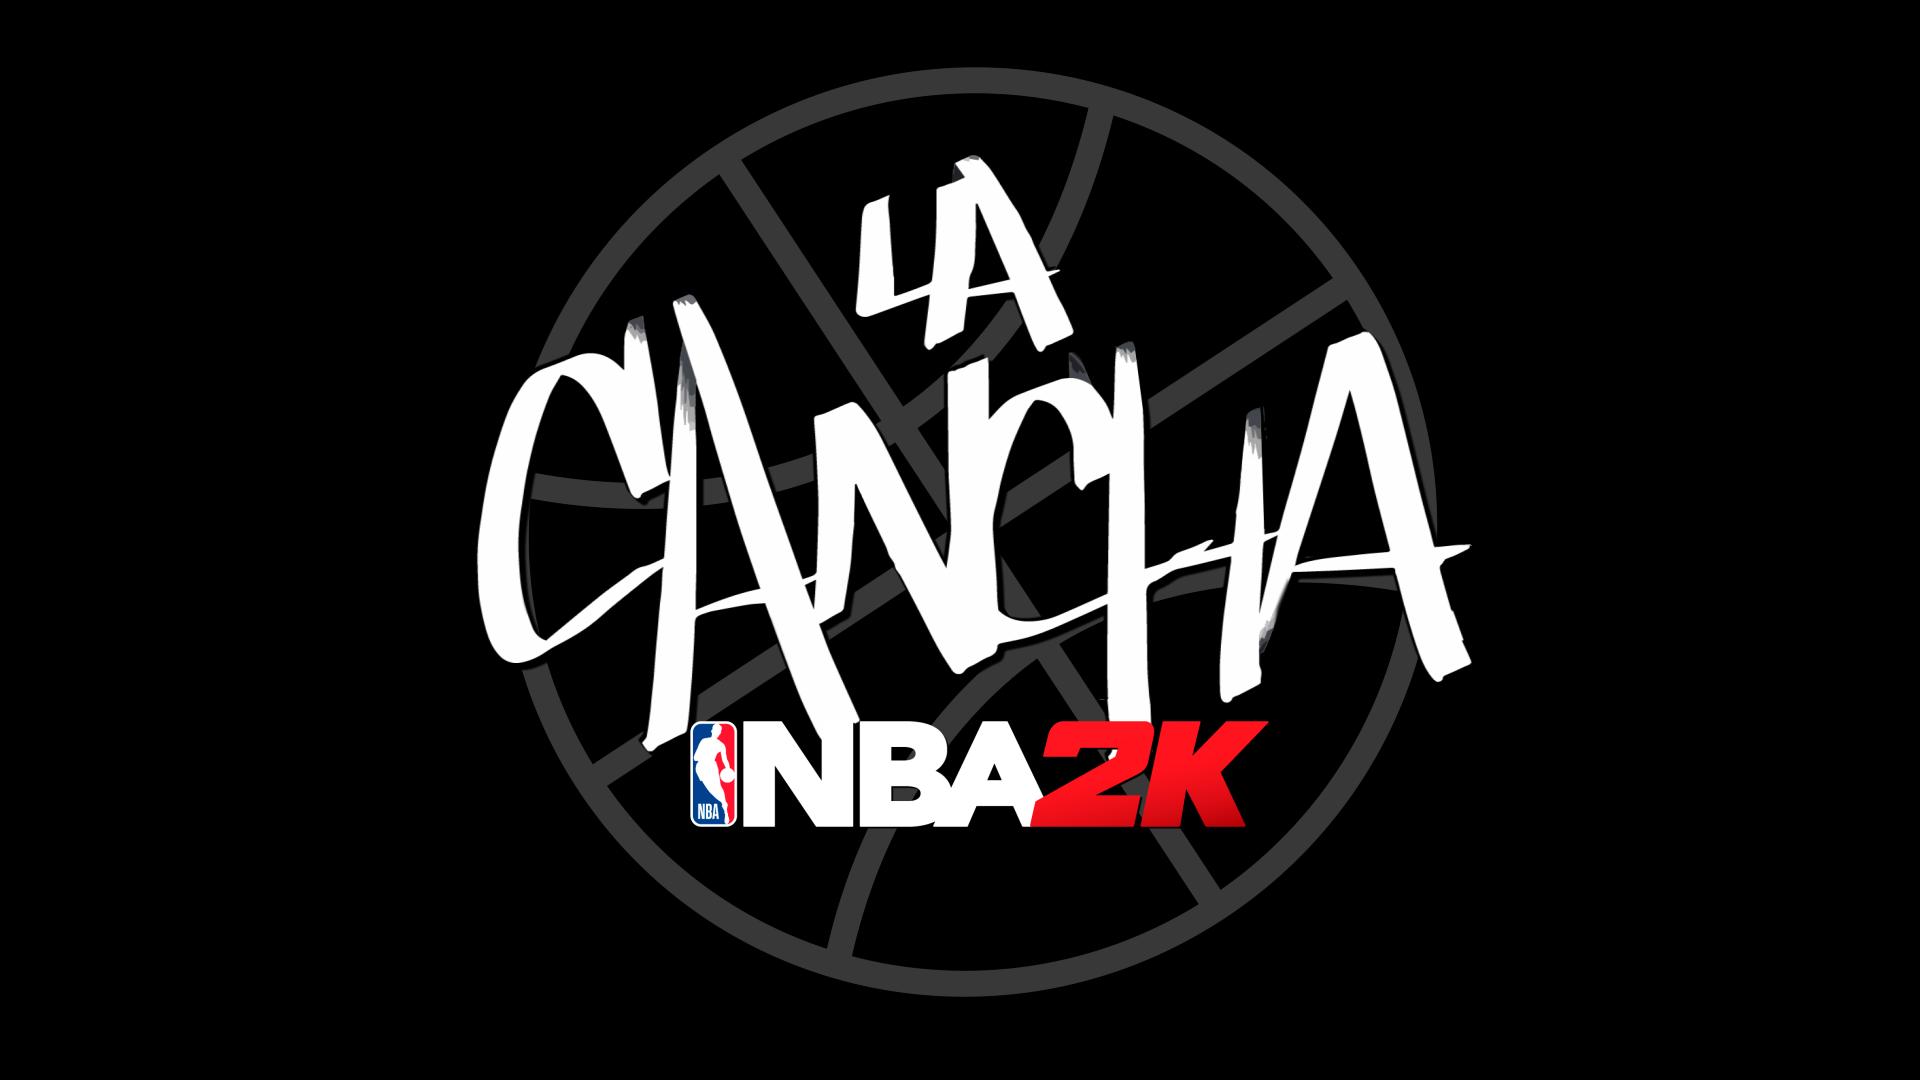 La Cancha de NBA 2K